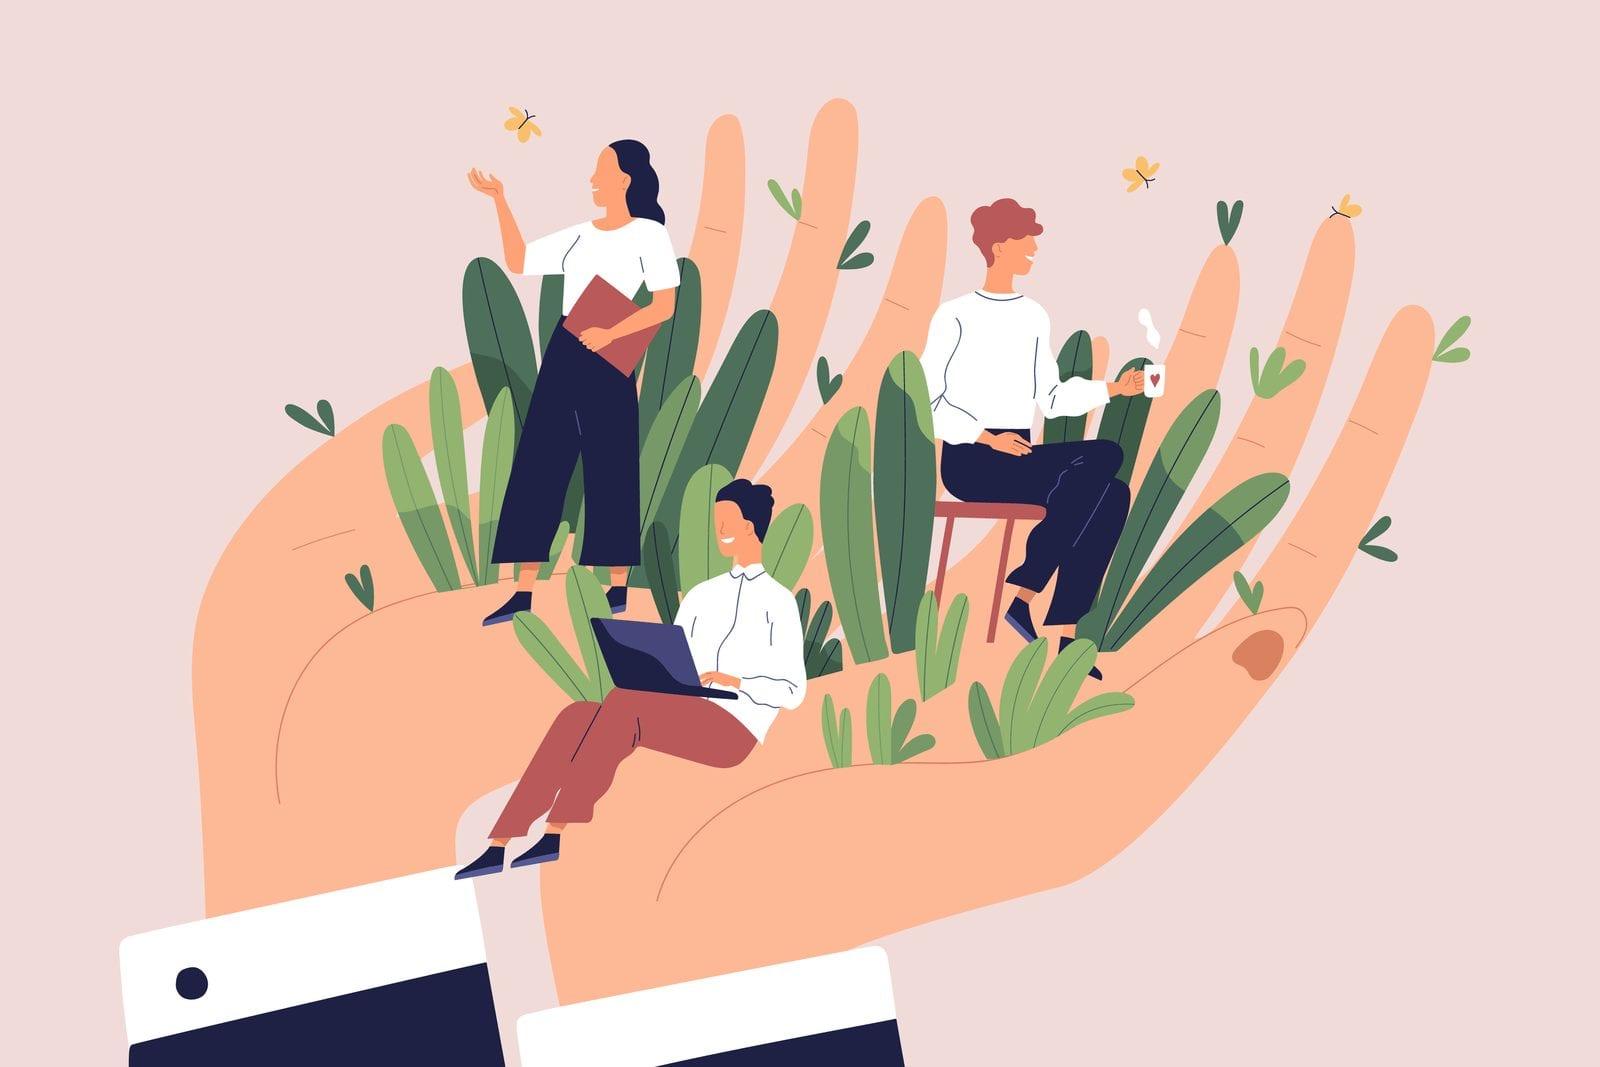 Pentingnya program employee benefit adalah untuk kesejahteraan karyawan, dan juga kemajuan bisnis perusahaan karena karyawan yang sejahtera.